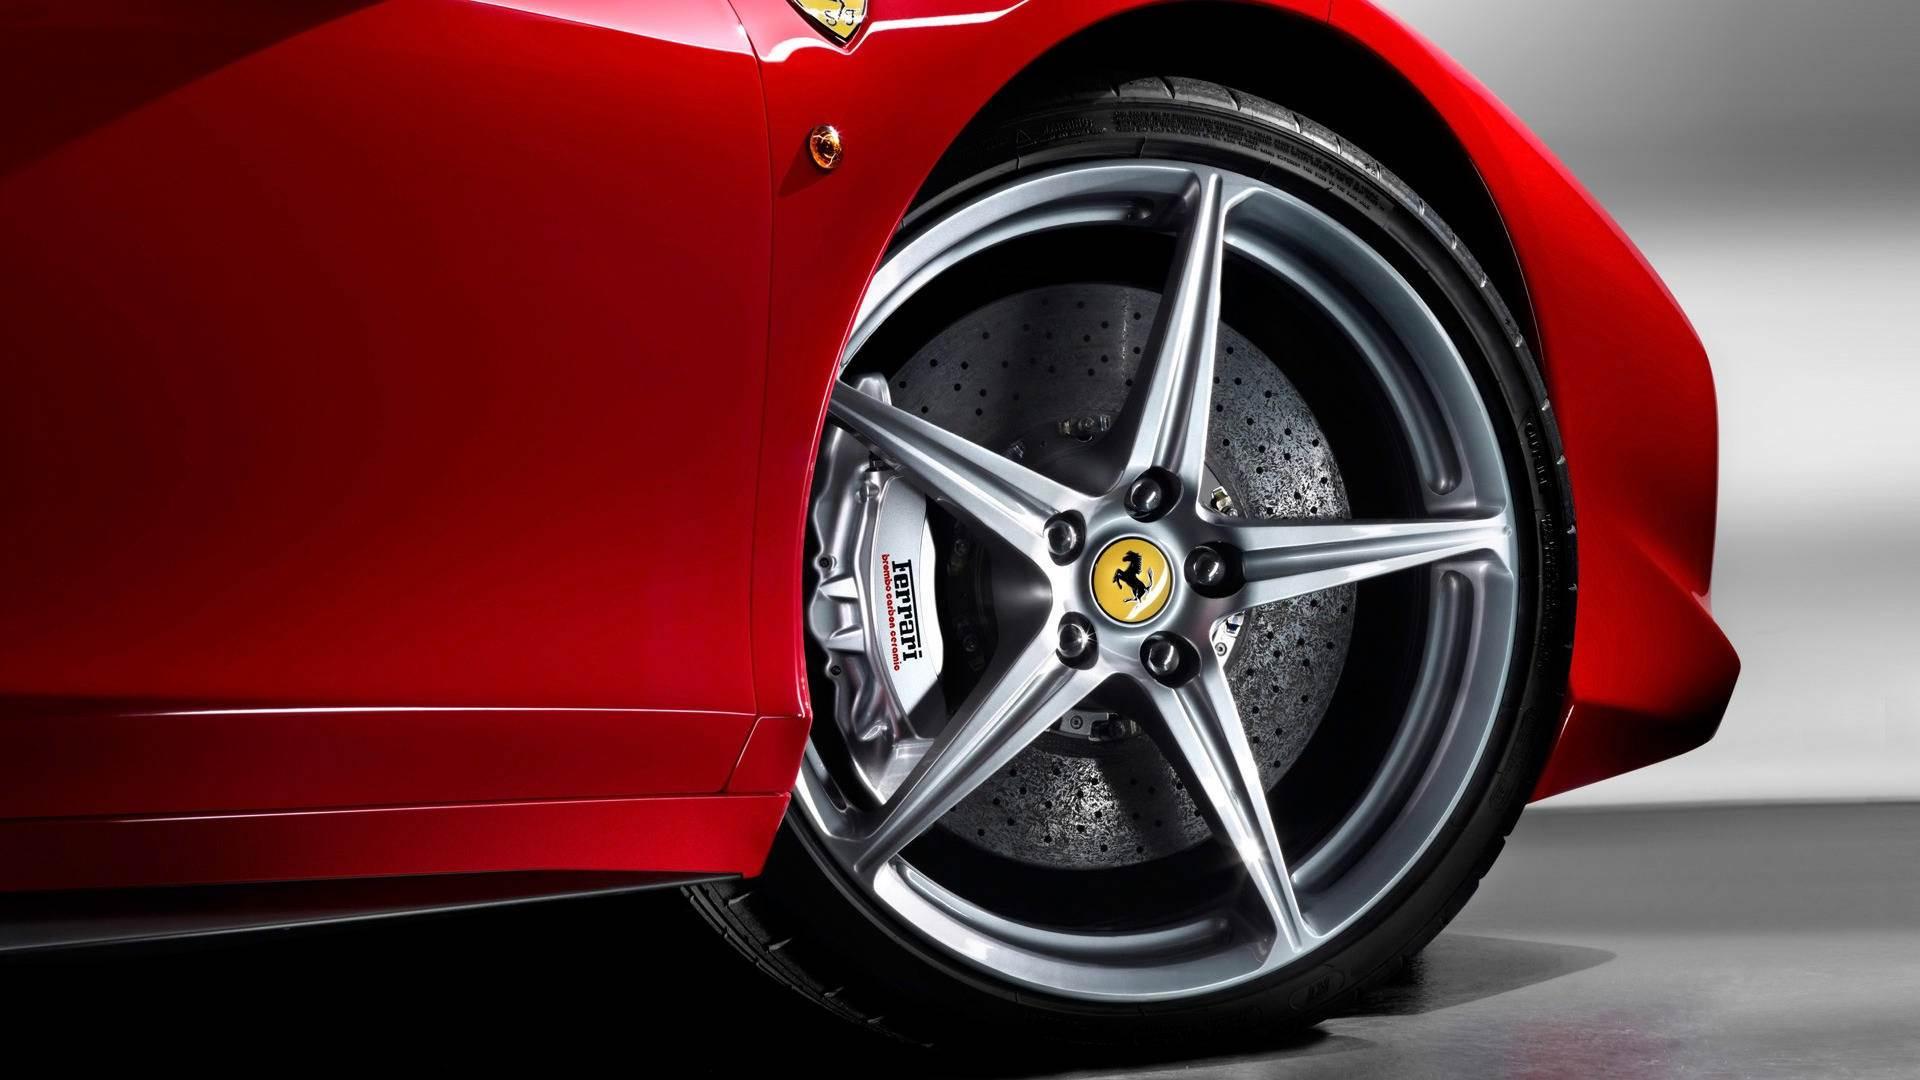 Ferrari Car Hd Wallpaper 5